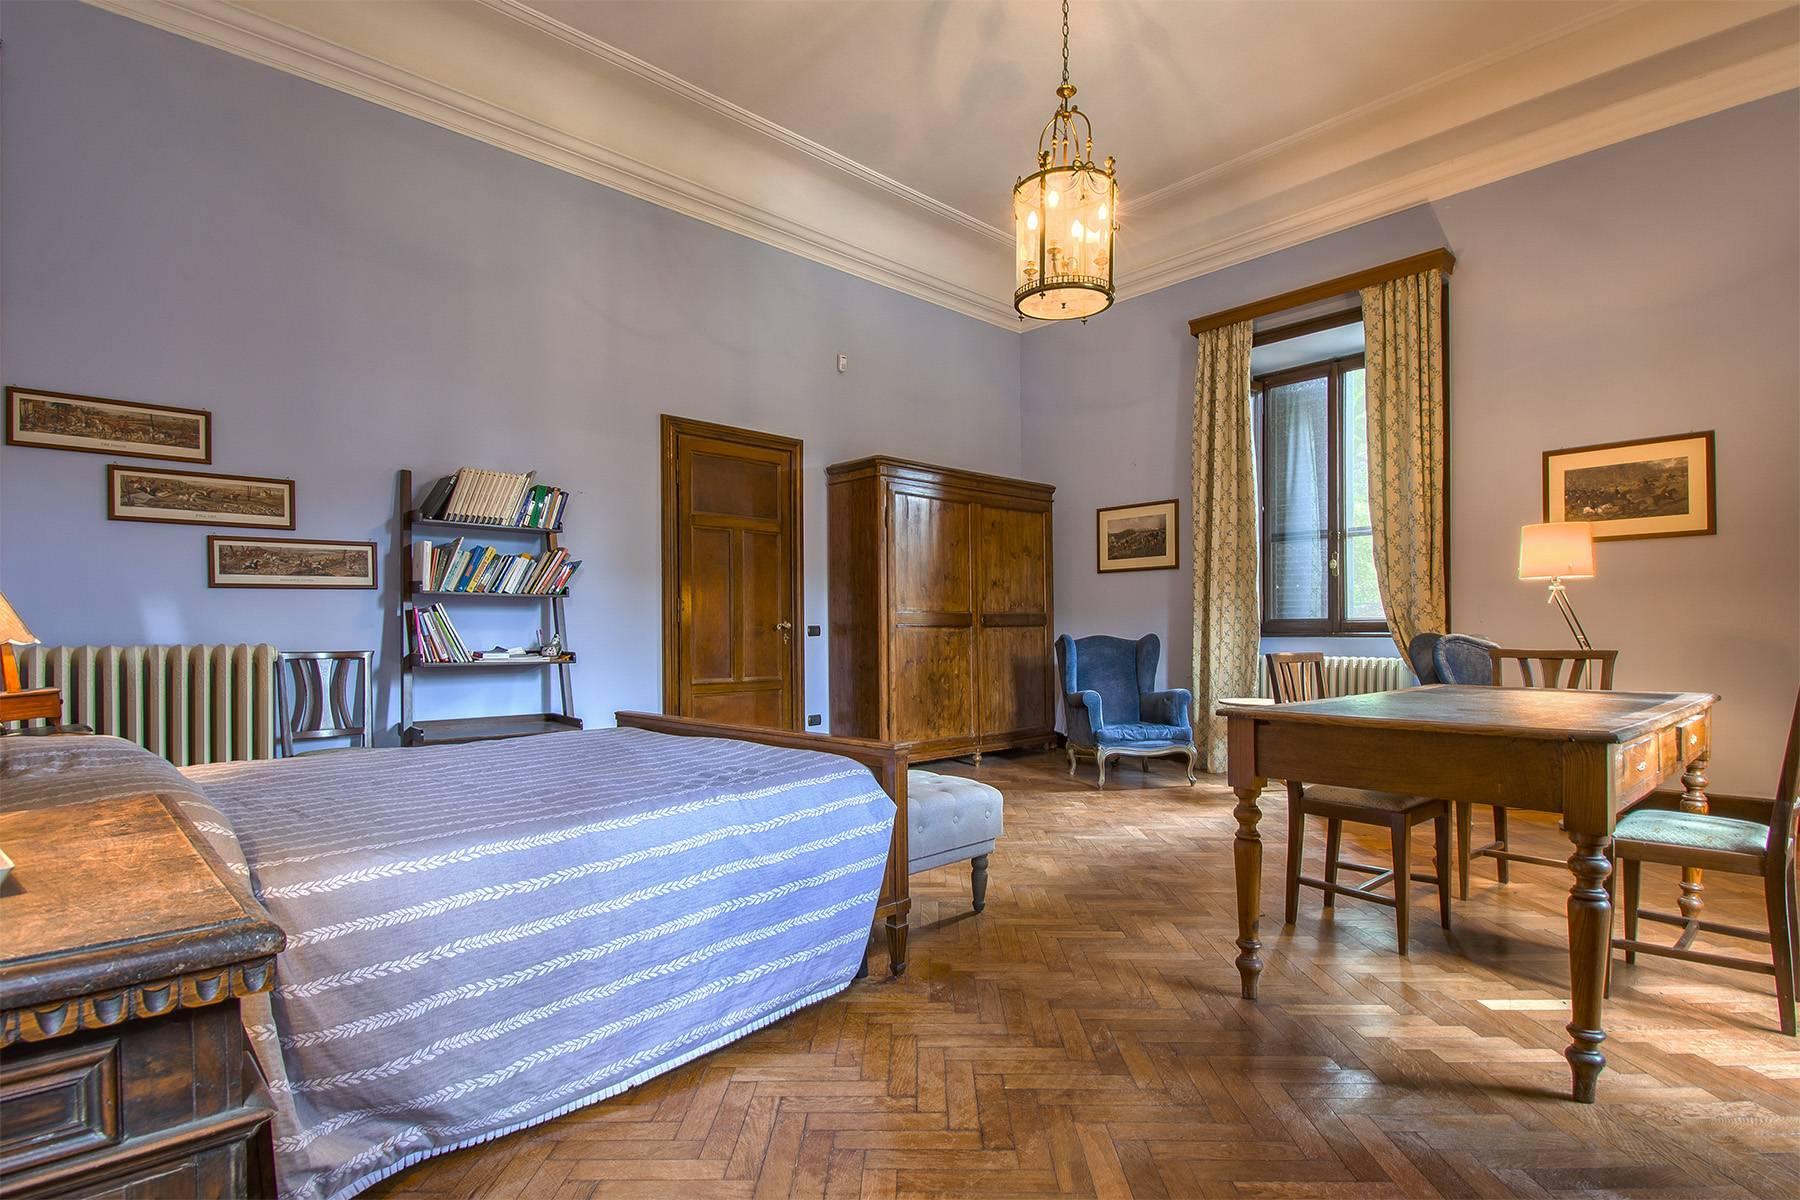 Magnifica villa dell'800 nel cuore dell'Umbria - 12